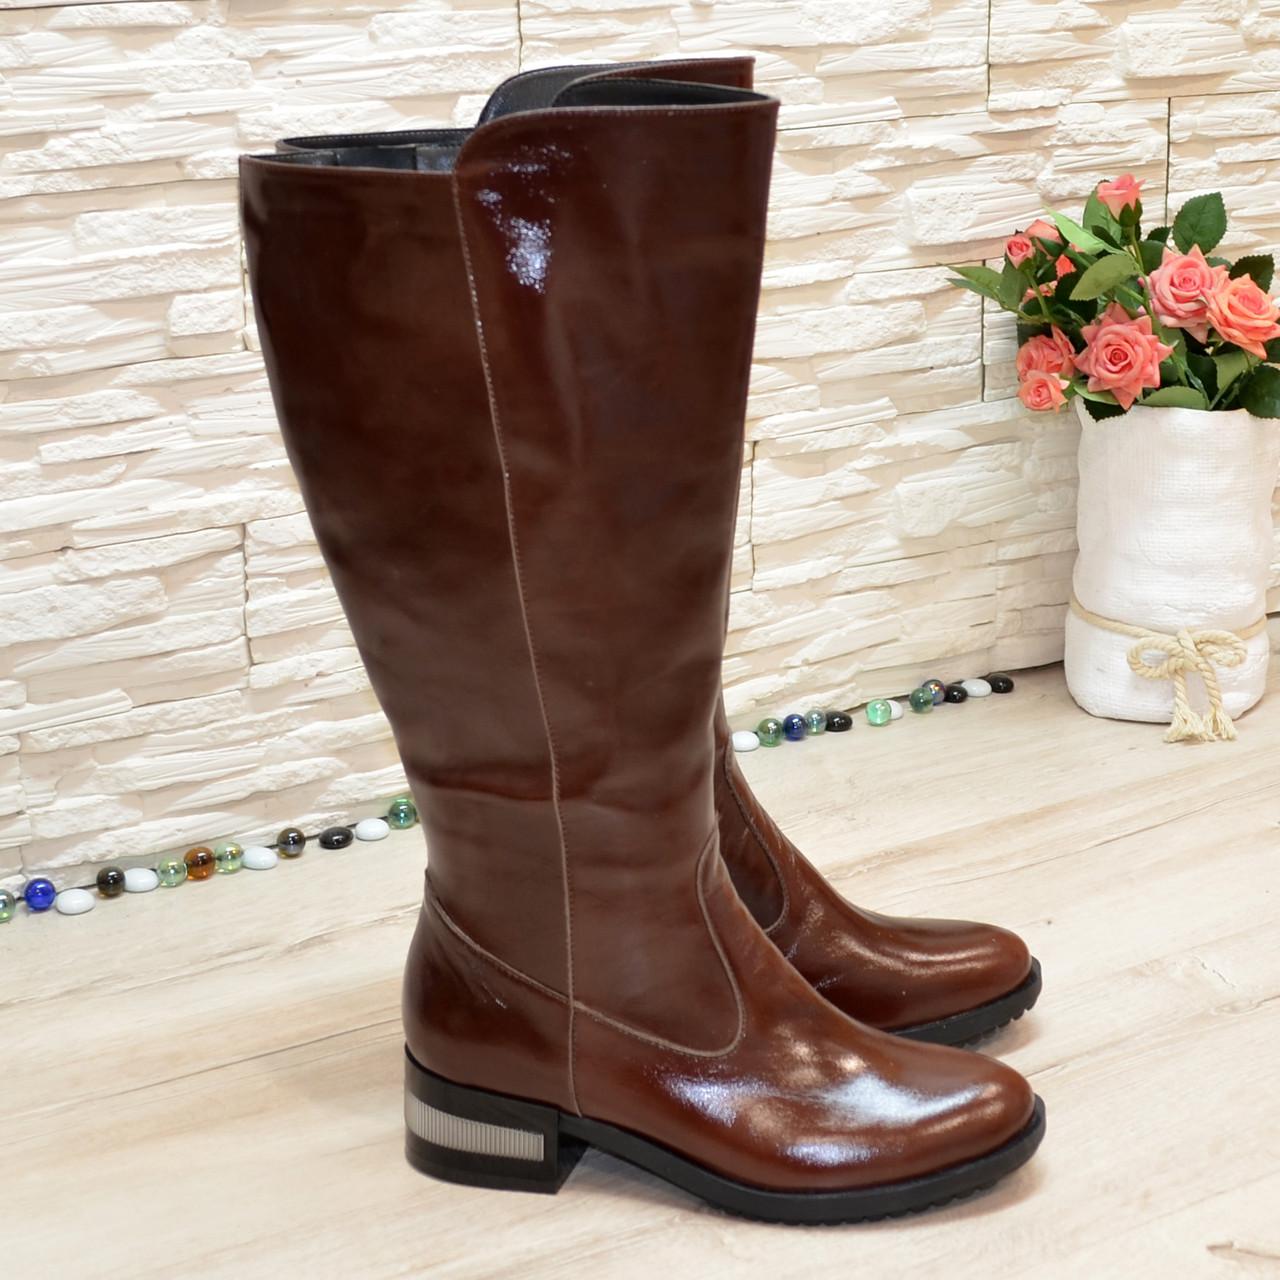 Сапоги женские кожаные коричневые на невысоком каблуке. Батал!